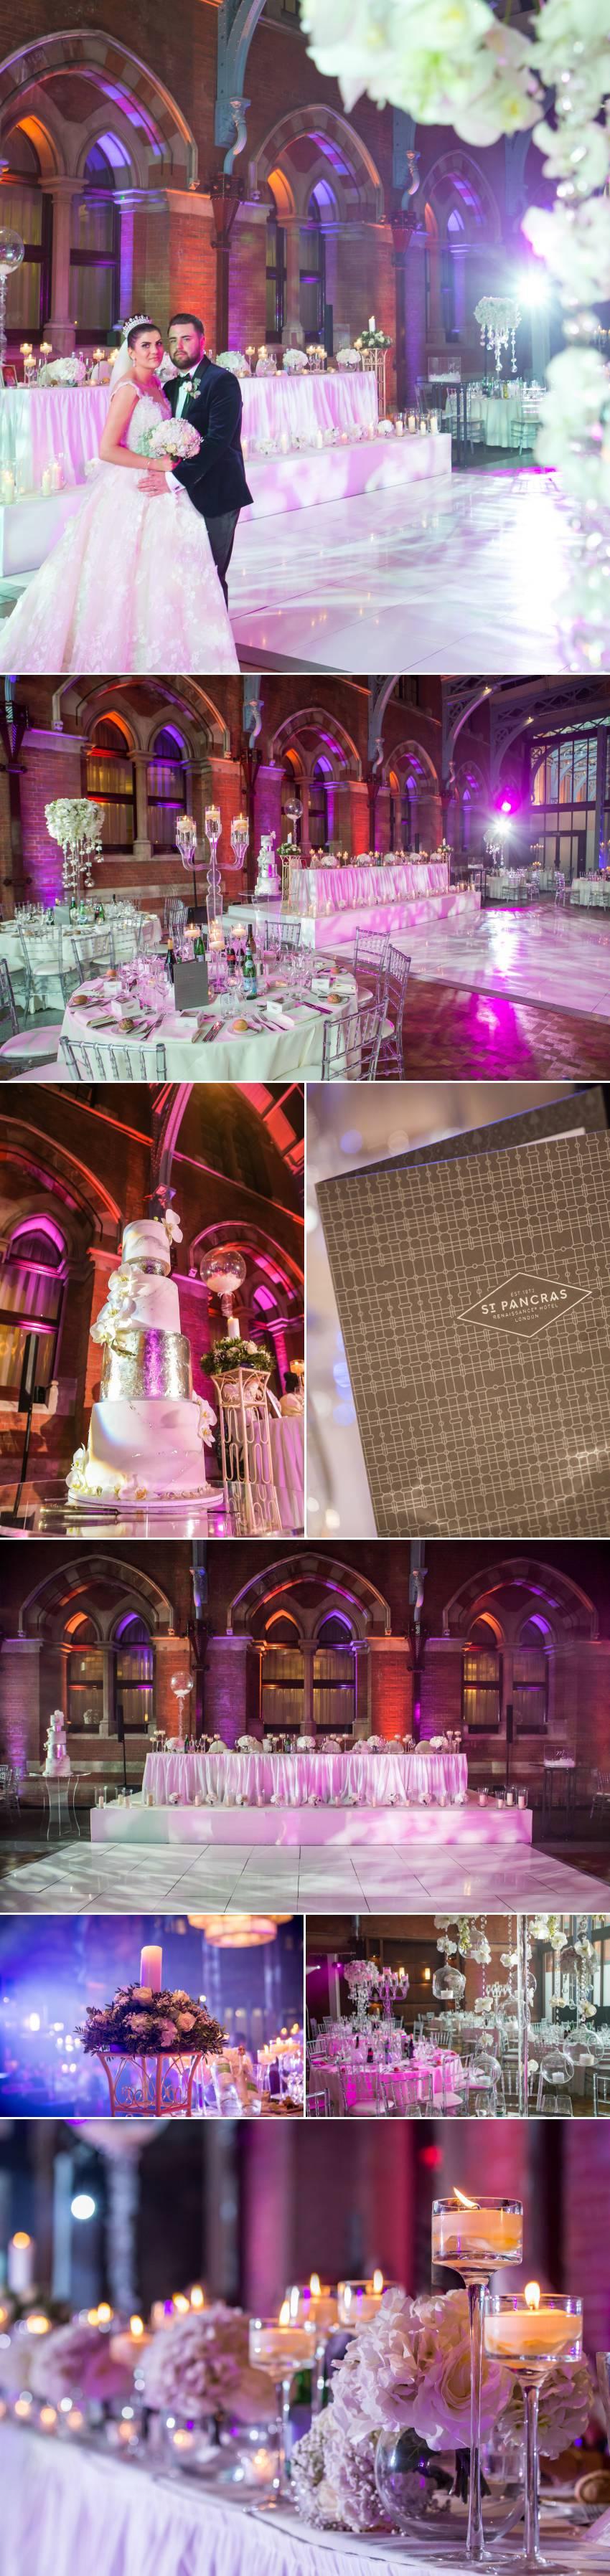 A Wedding at St Pancras Renaissance Hotel 12